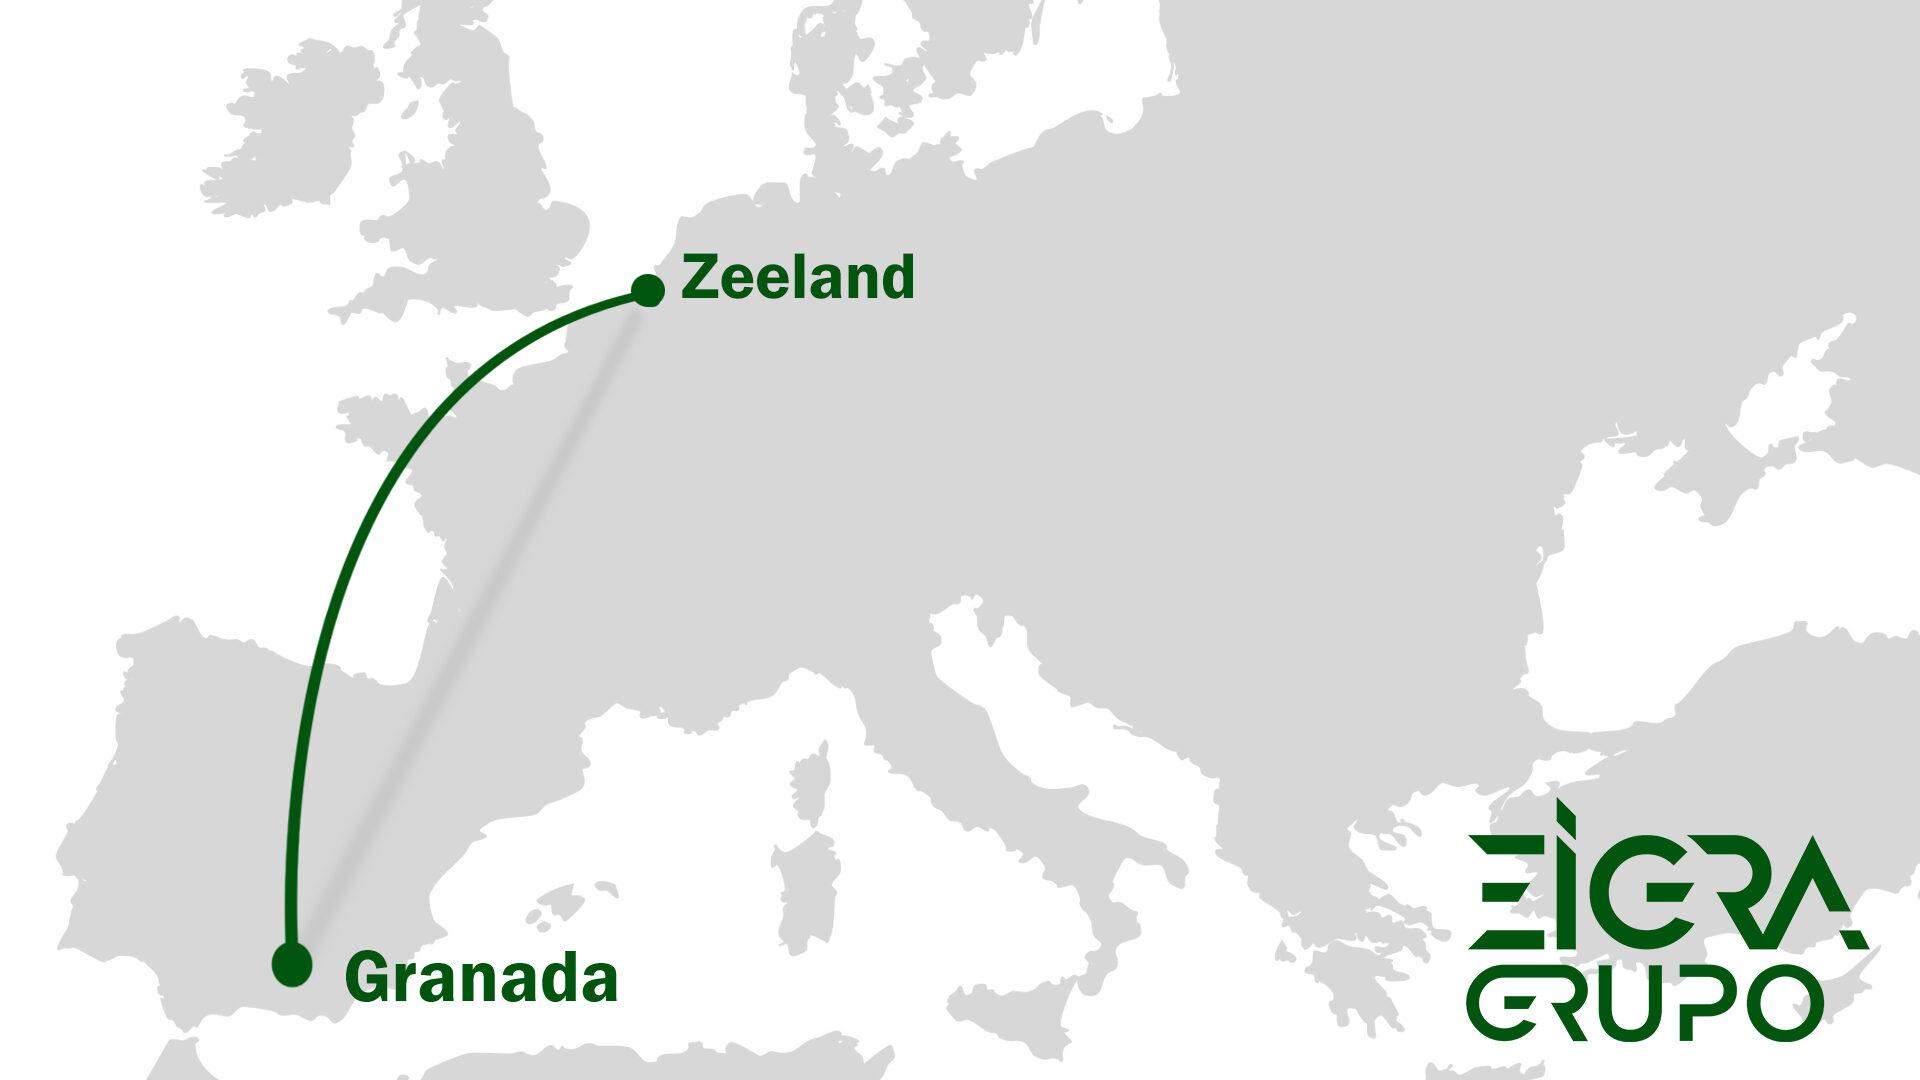 Desde Granada a Zelanda